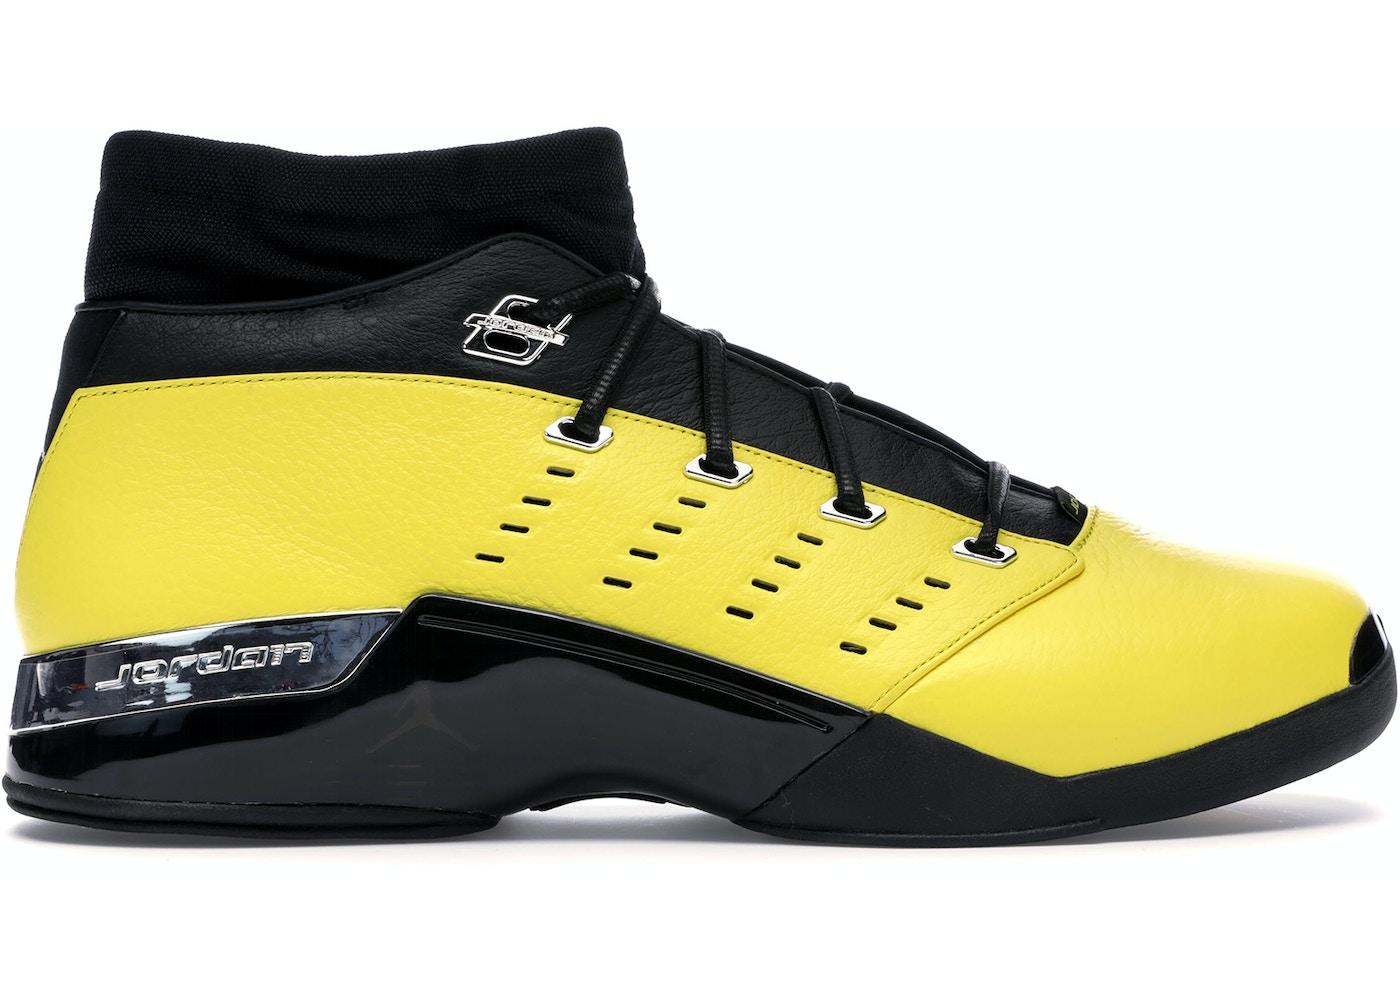 new style 6416d e61fc Jordan 17 Retro Low SoleFly Alternate Lightning - AJ7321-003